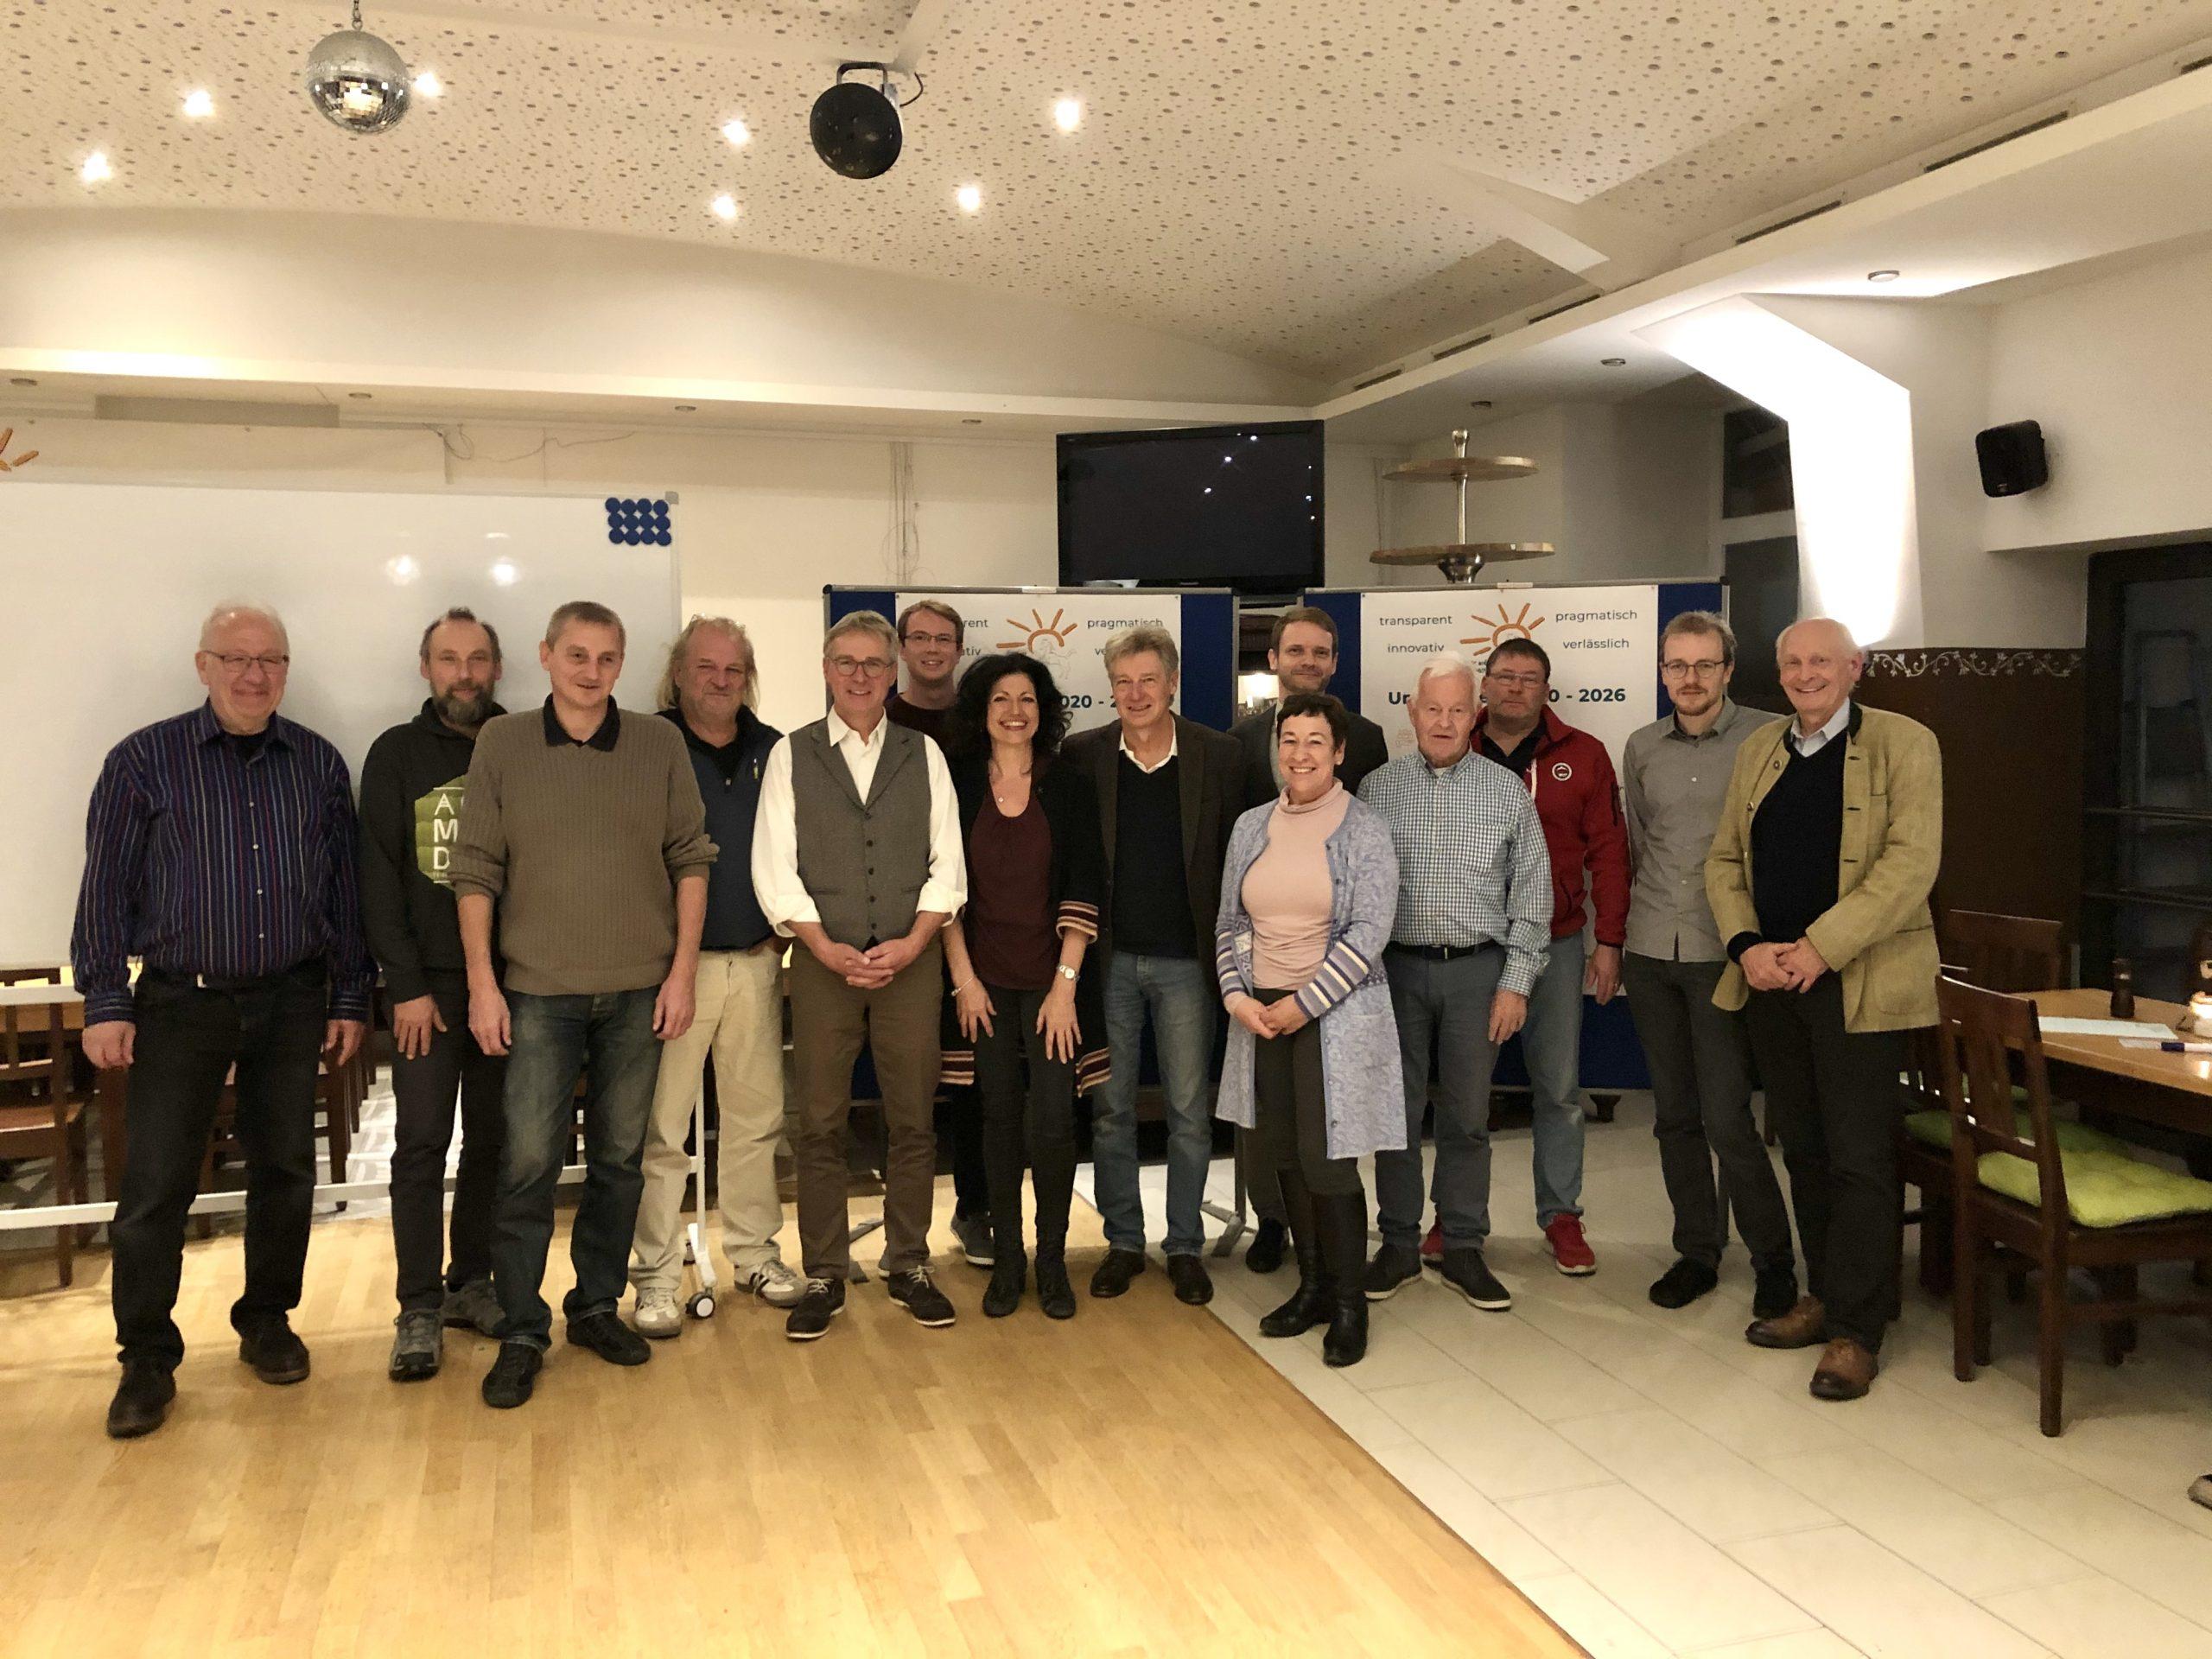 Aufstellung für die Kommunalwahl 2020 – Freie Wähler Windach nominieren Kandidaten